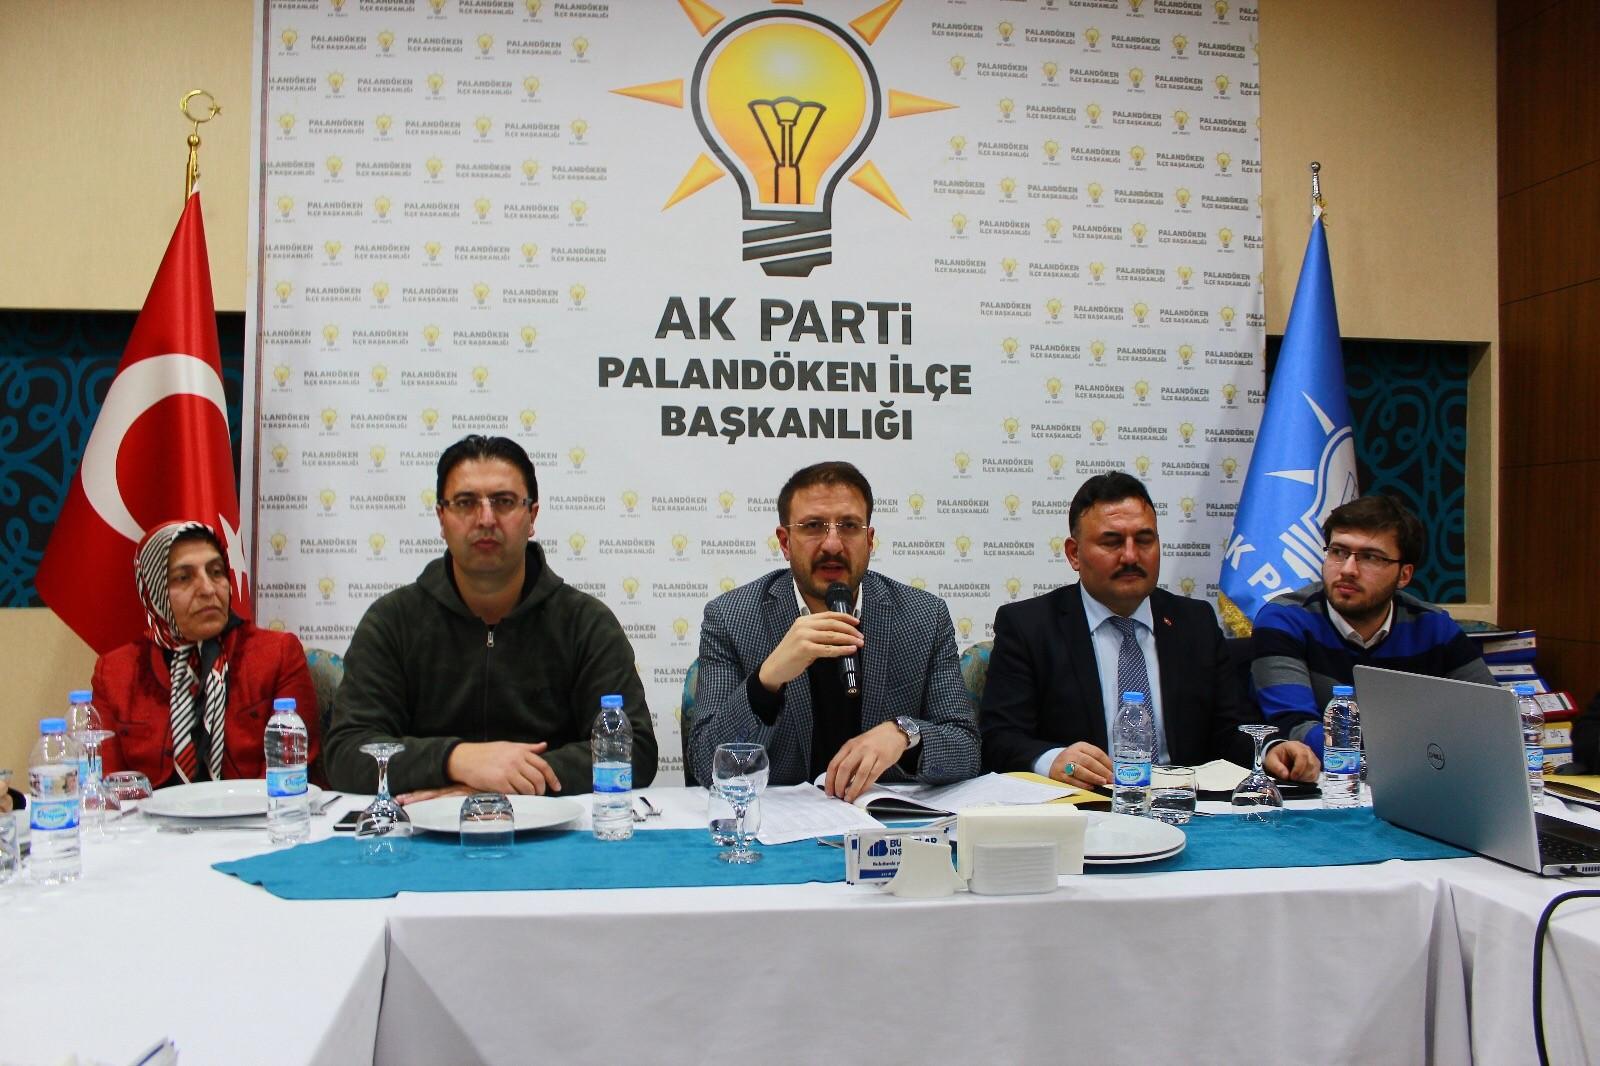 AK Parti Palandöken İlçe Başkanlığı basın ile buluştu